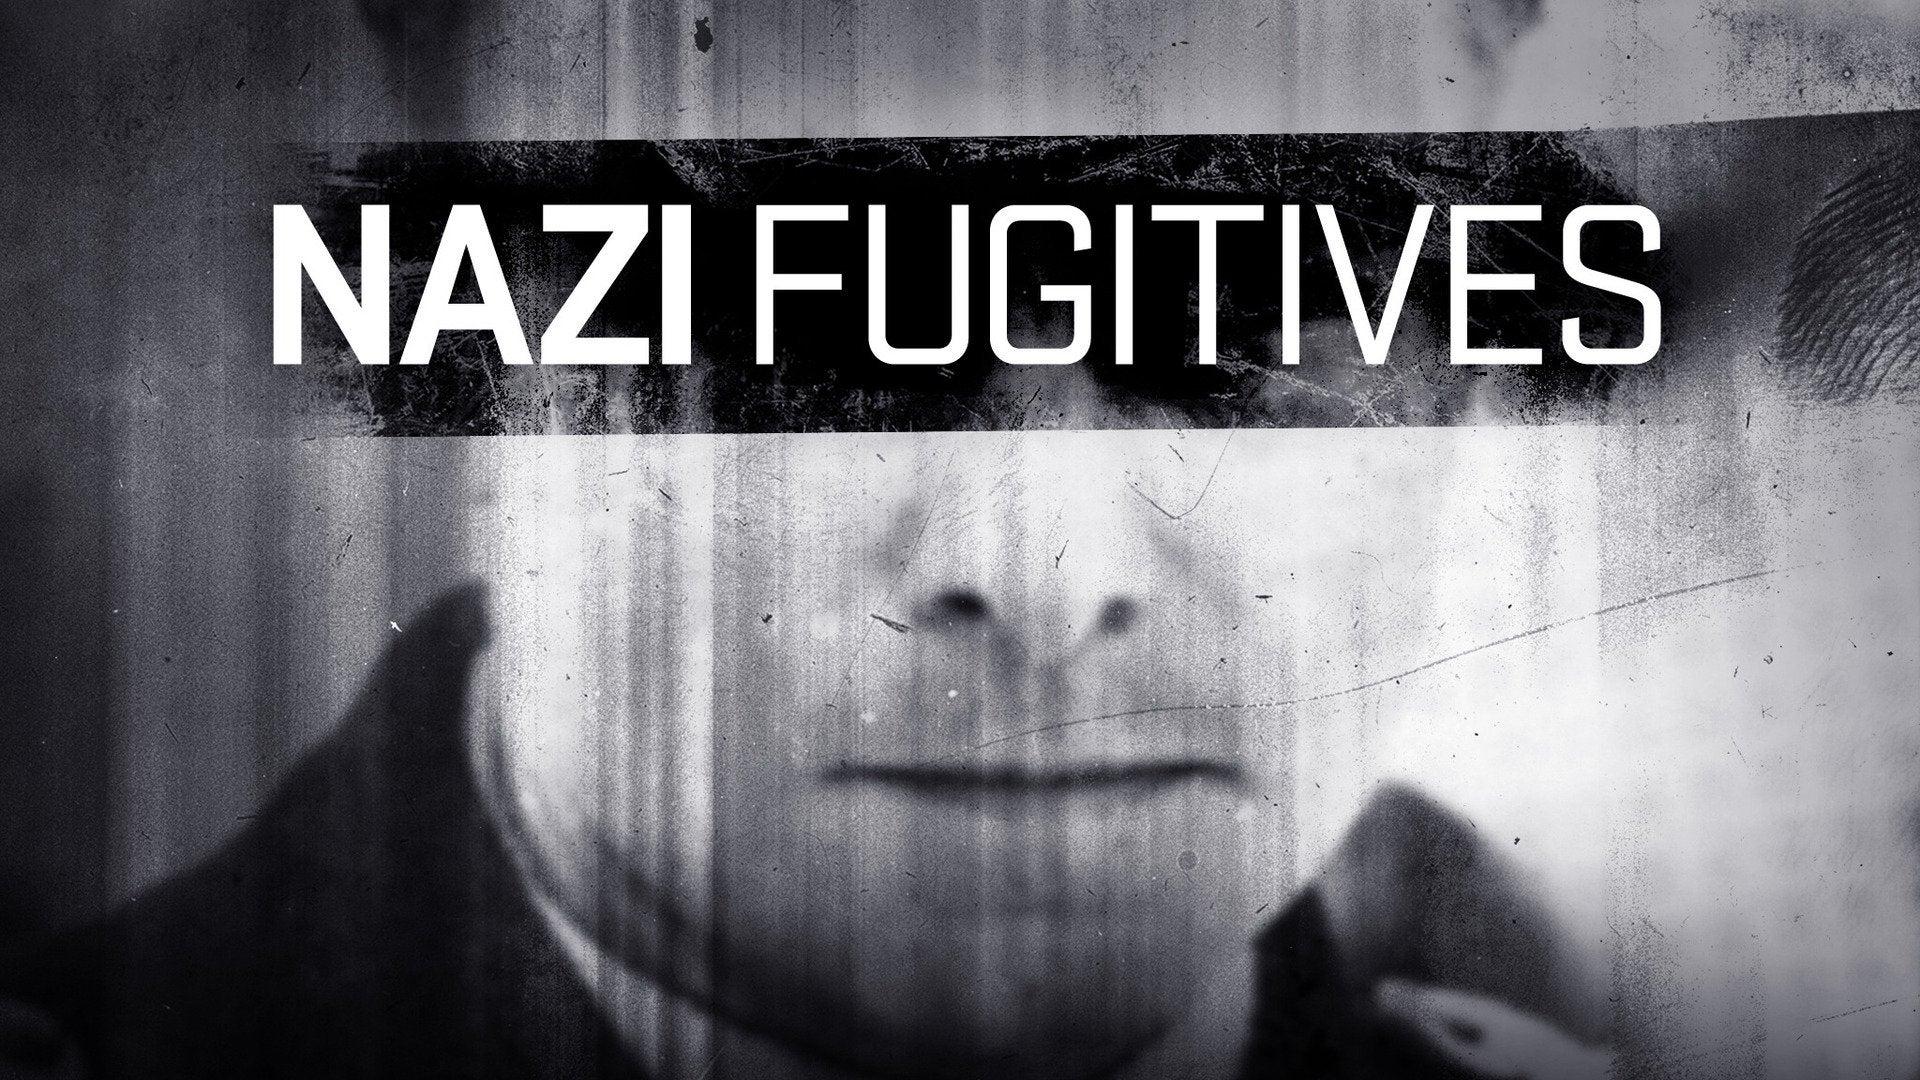 Nazi Fugitives